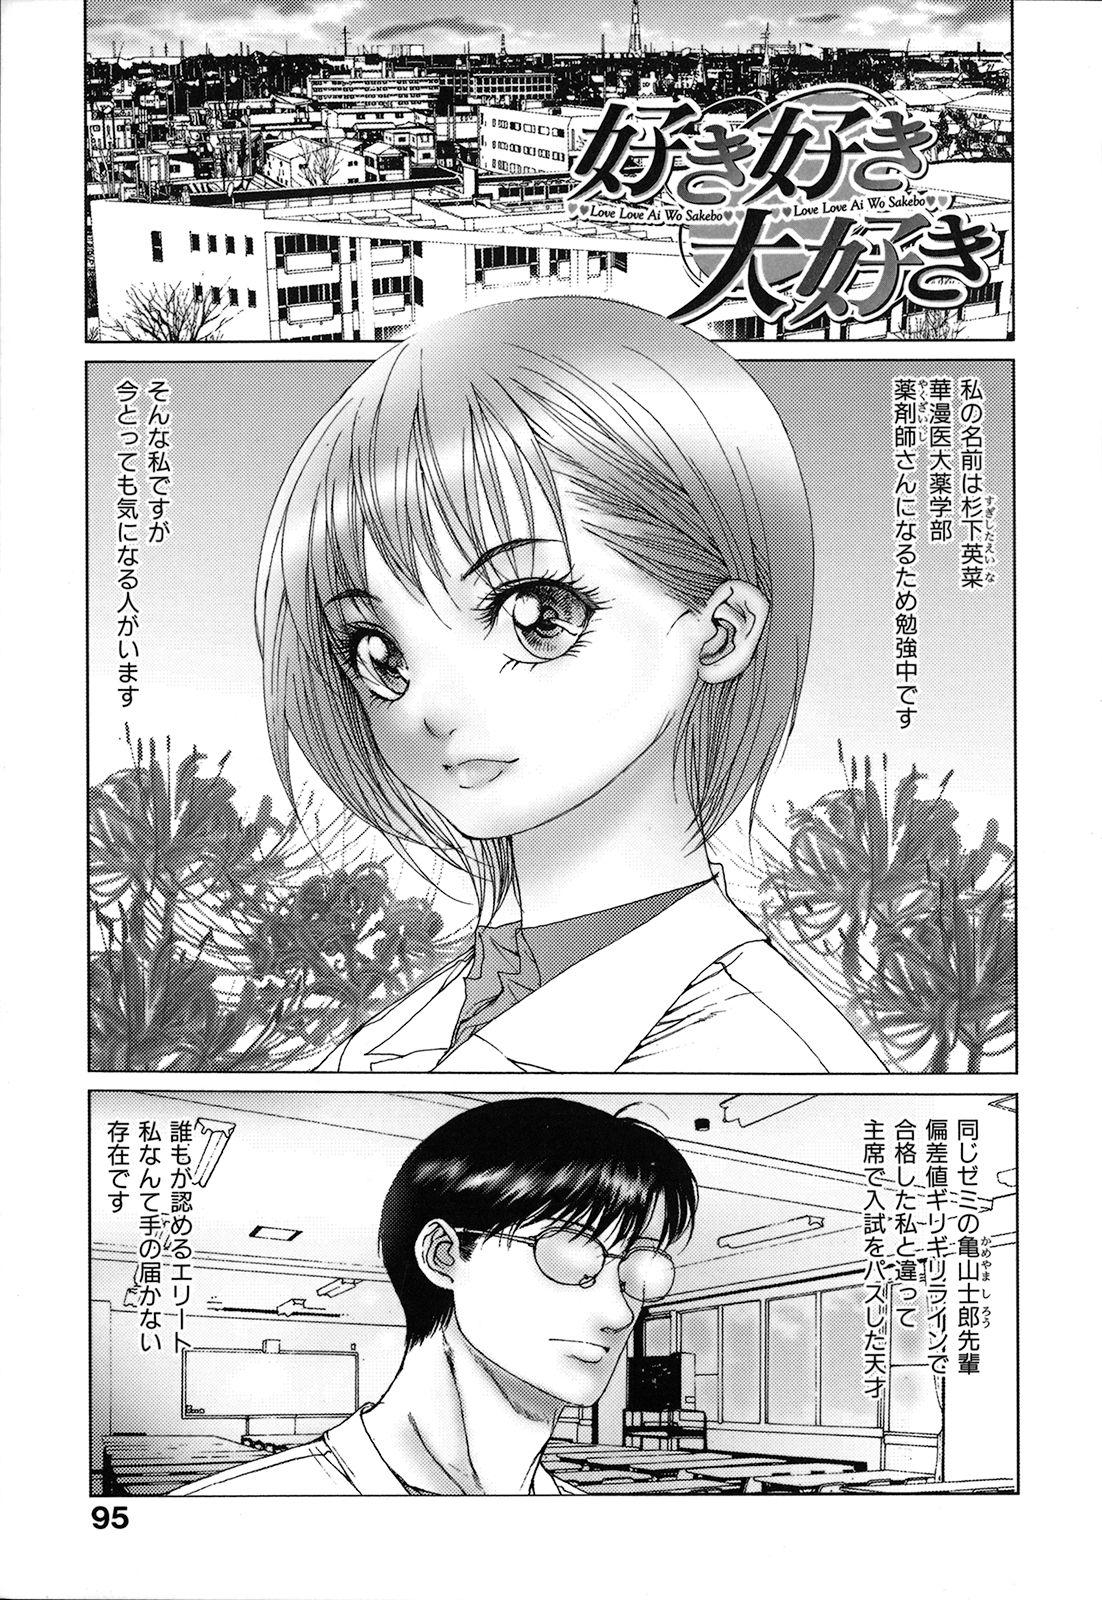 Kou Musume 98